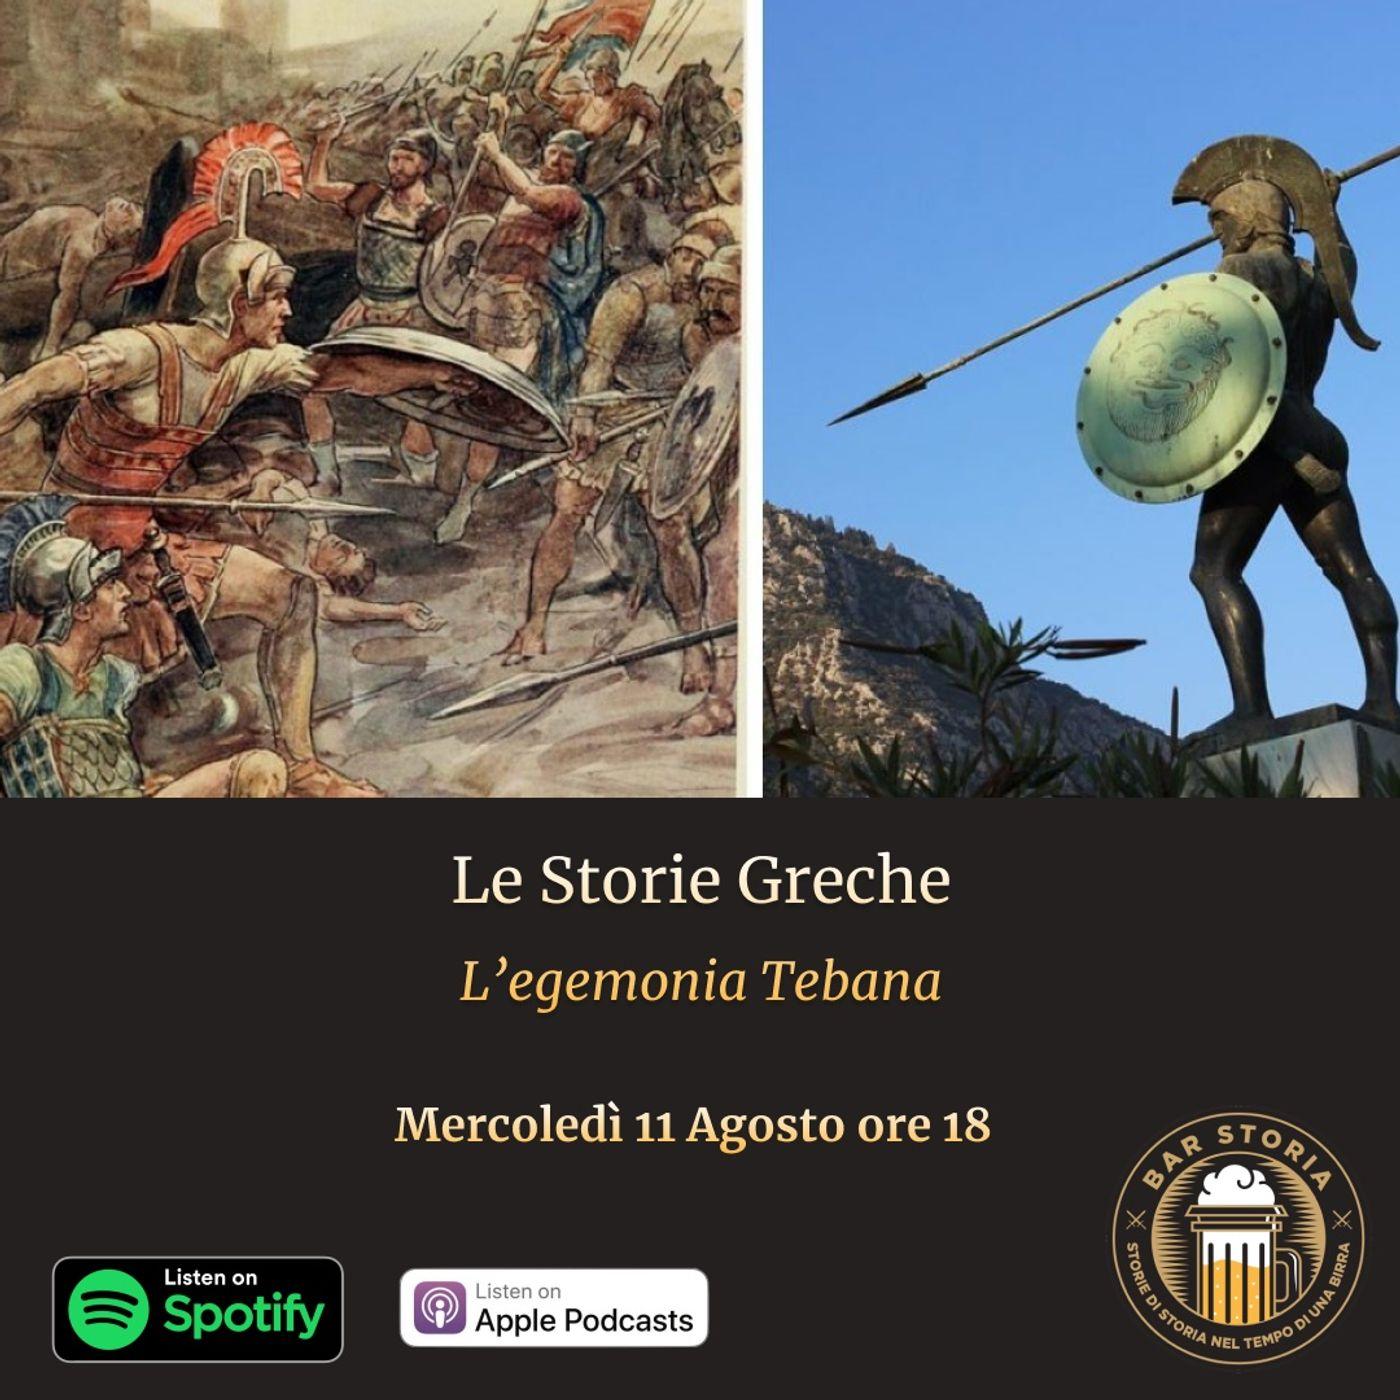 Storie Greche - L'egemonia Tebana